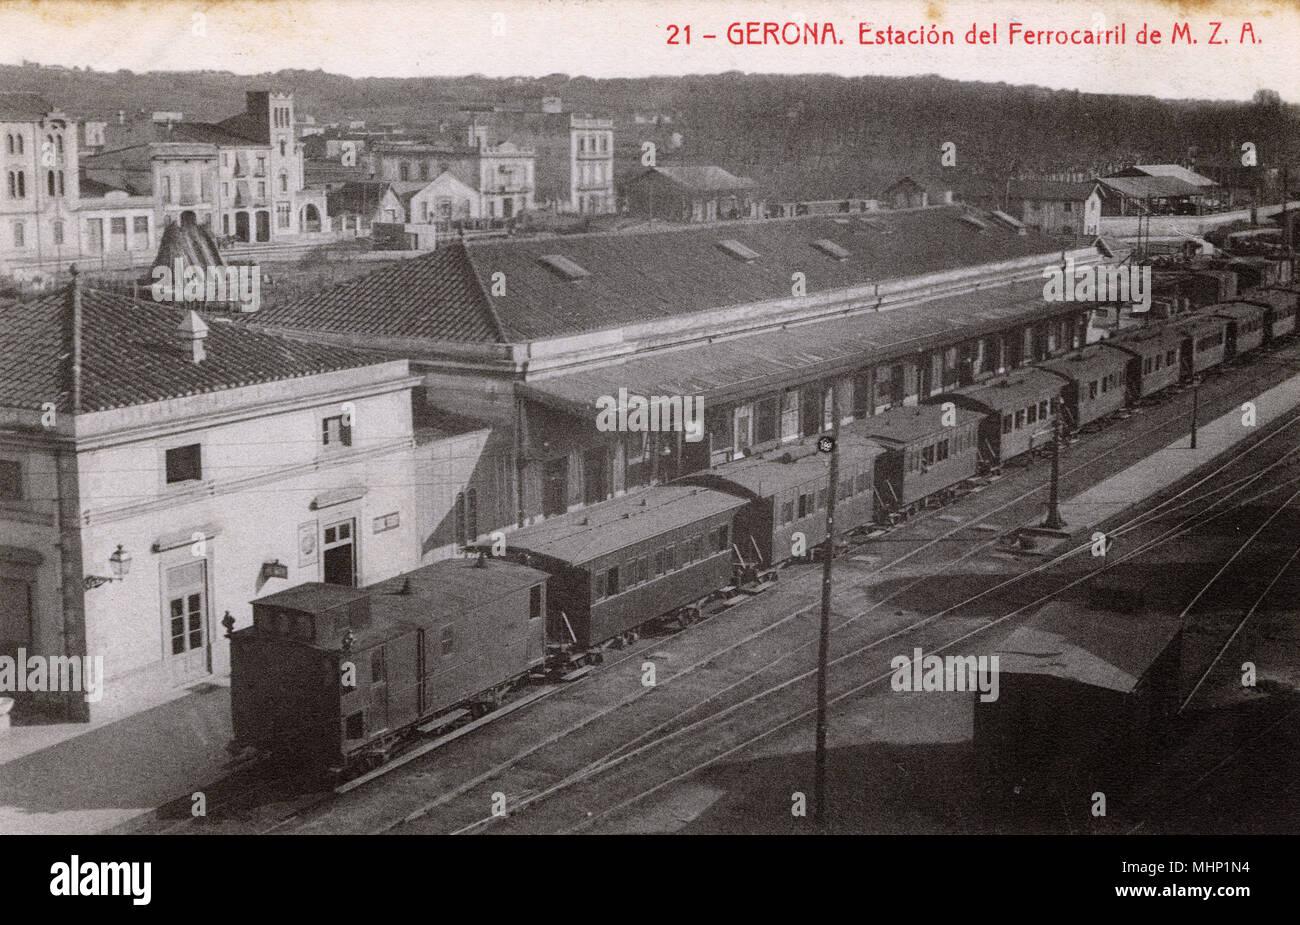 Vista aérea de la estación de ferrocarril, Girona, Cataluña, España. Fecha: circa 1908 Imagen De Stock